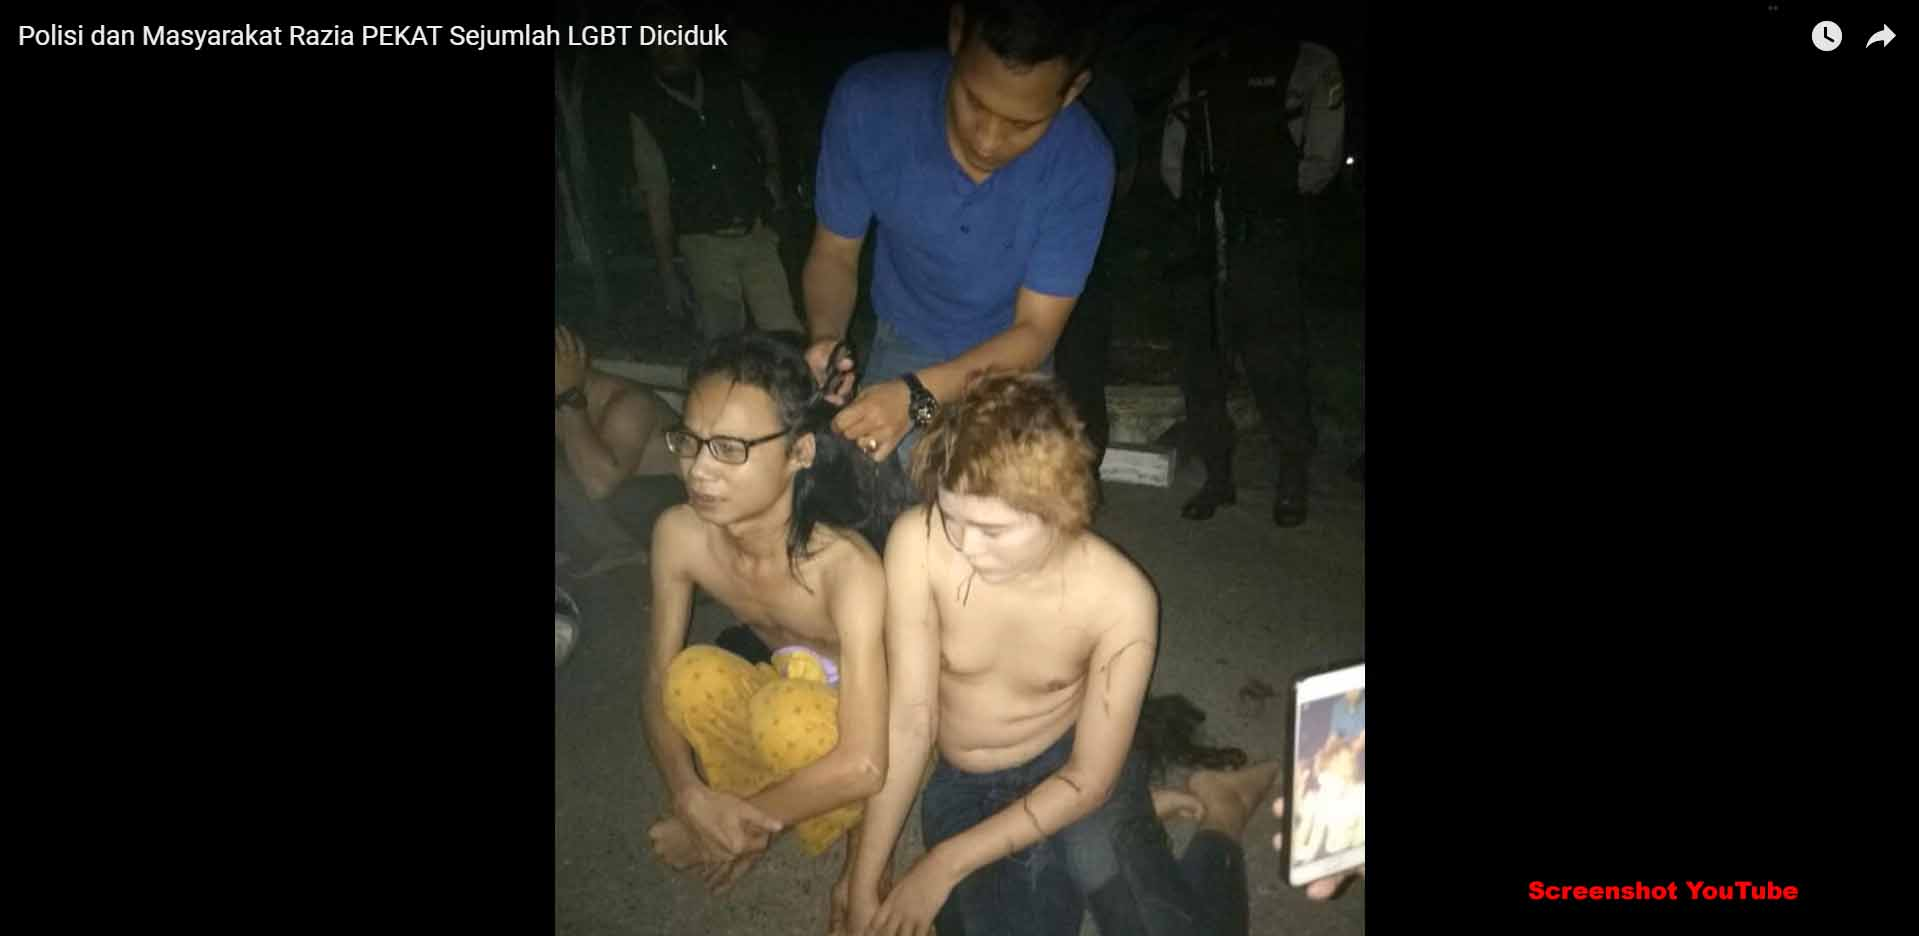 12 Transgender durch Sharia-Polizei in Aceh misshandelt / Screenshot YouTube